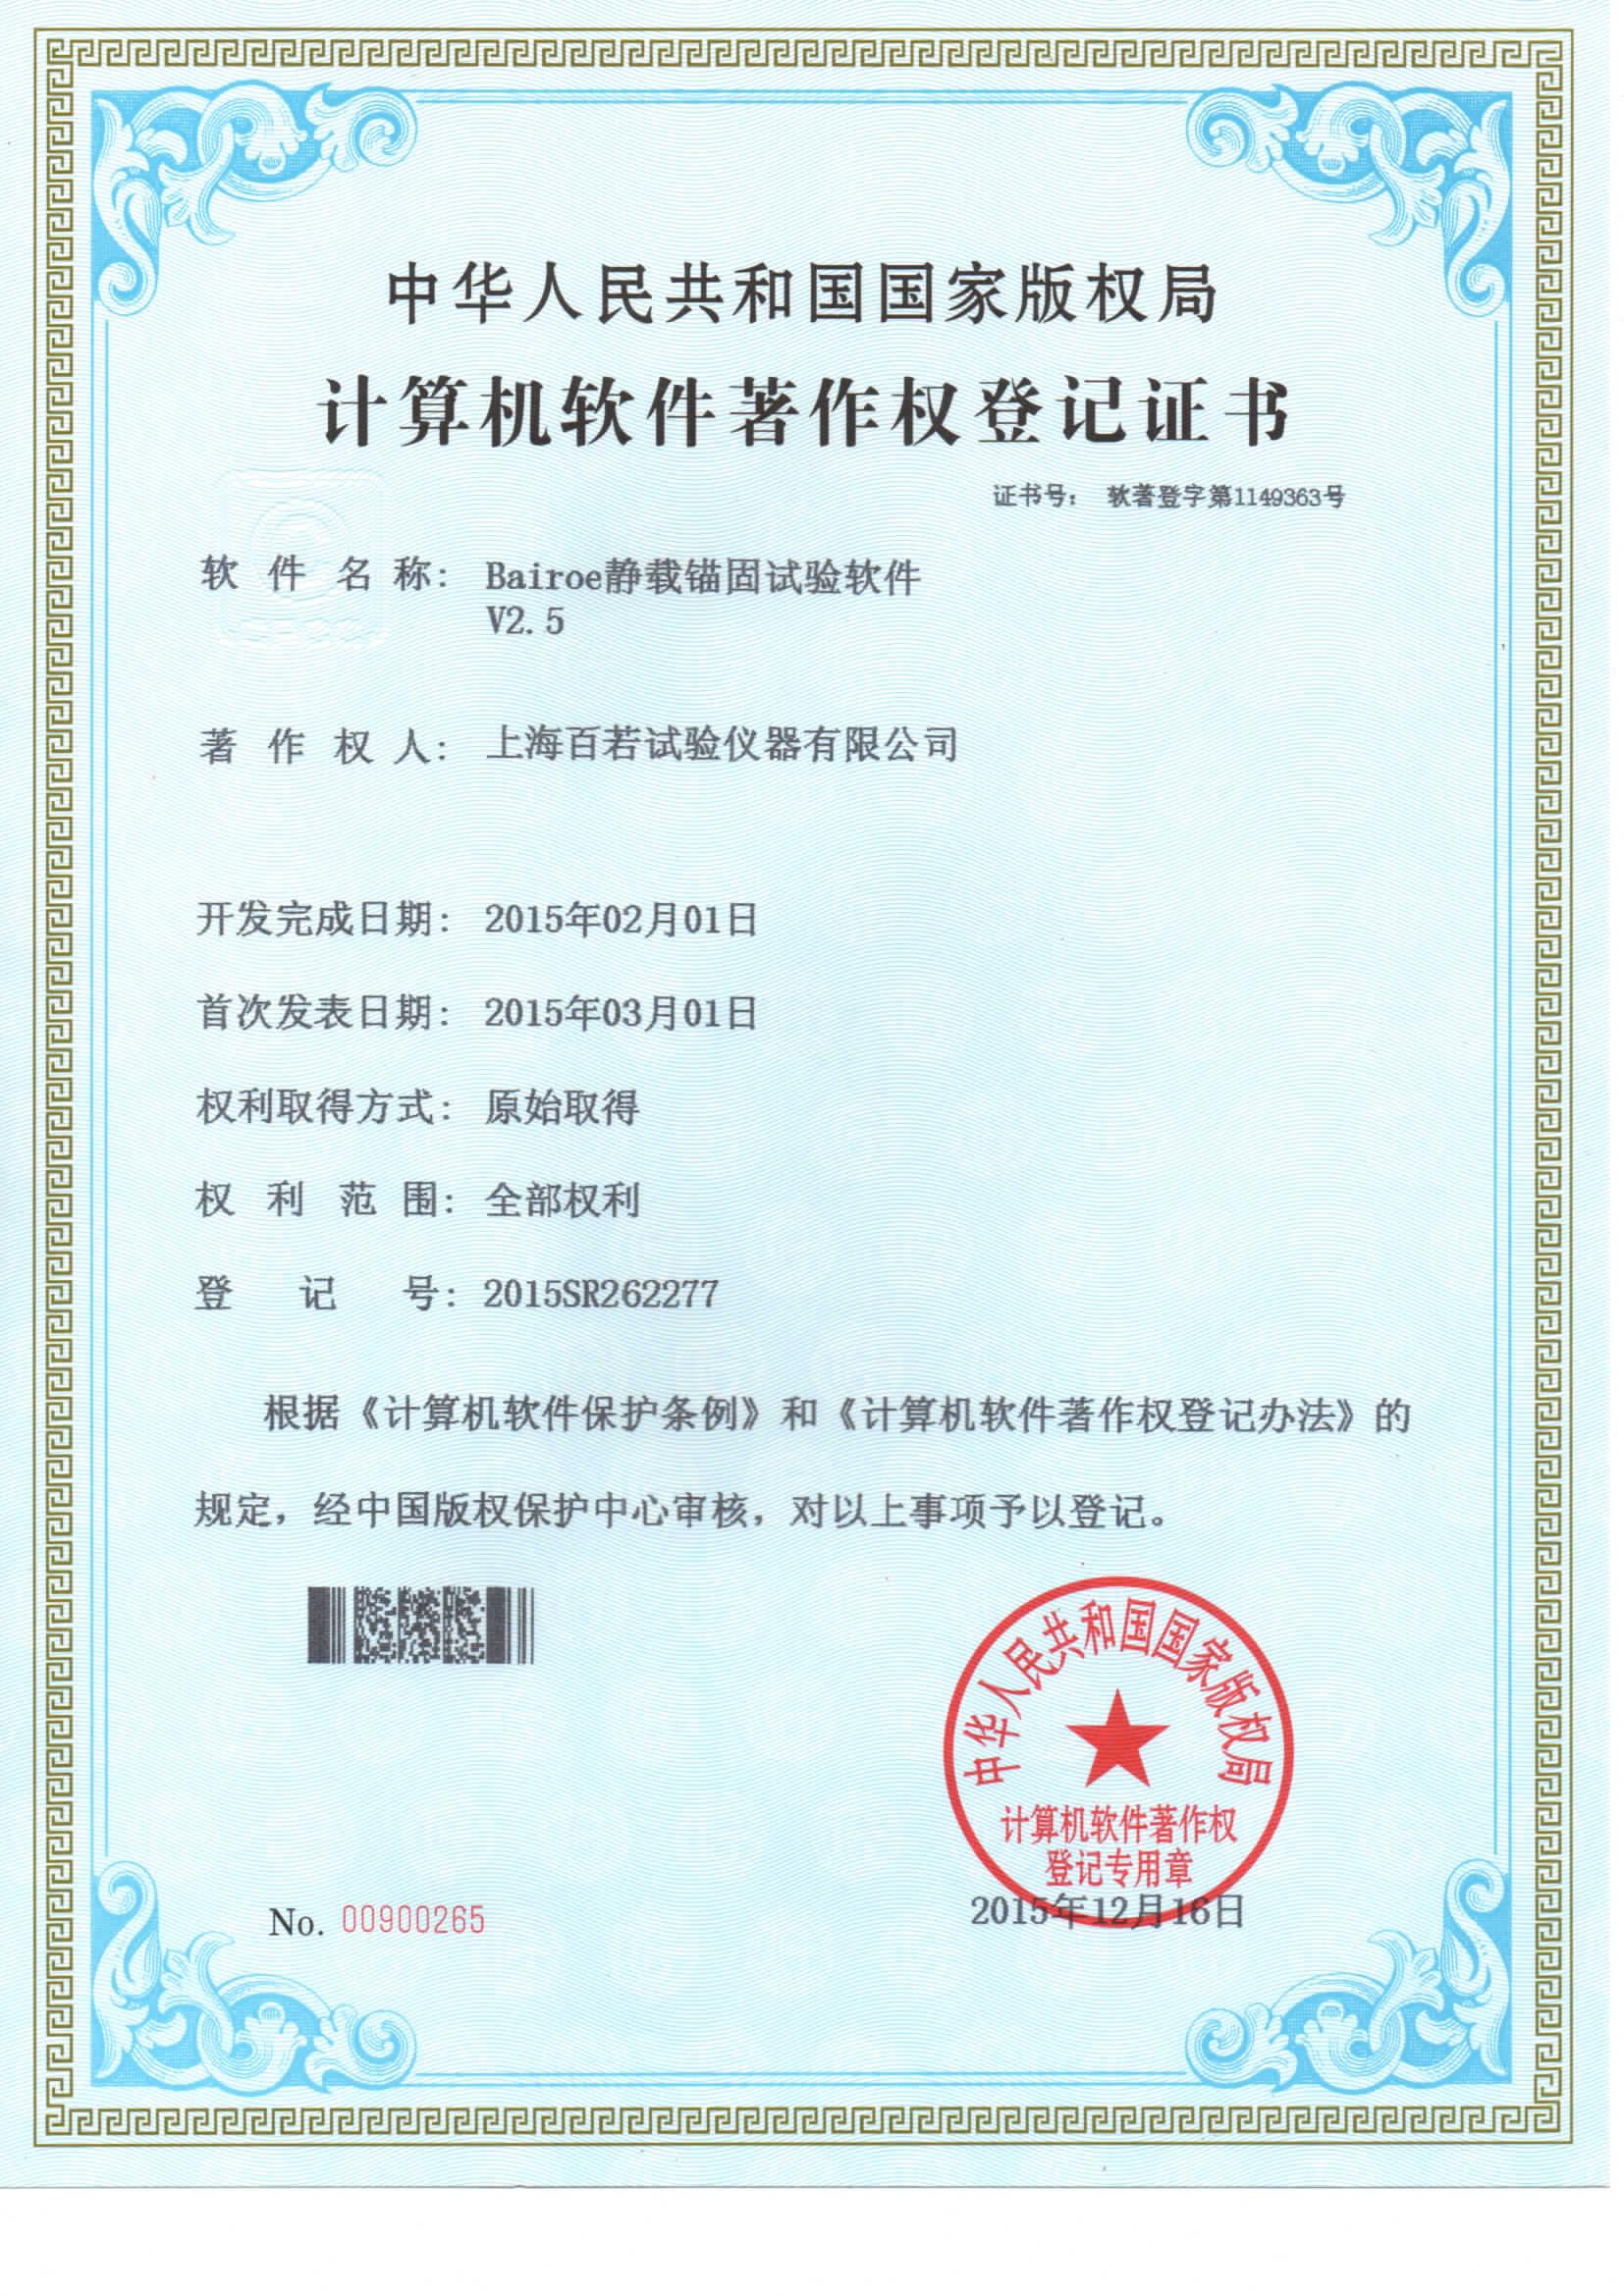 靜載錨固-計算機軟件著作權登記證書